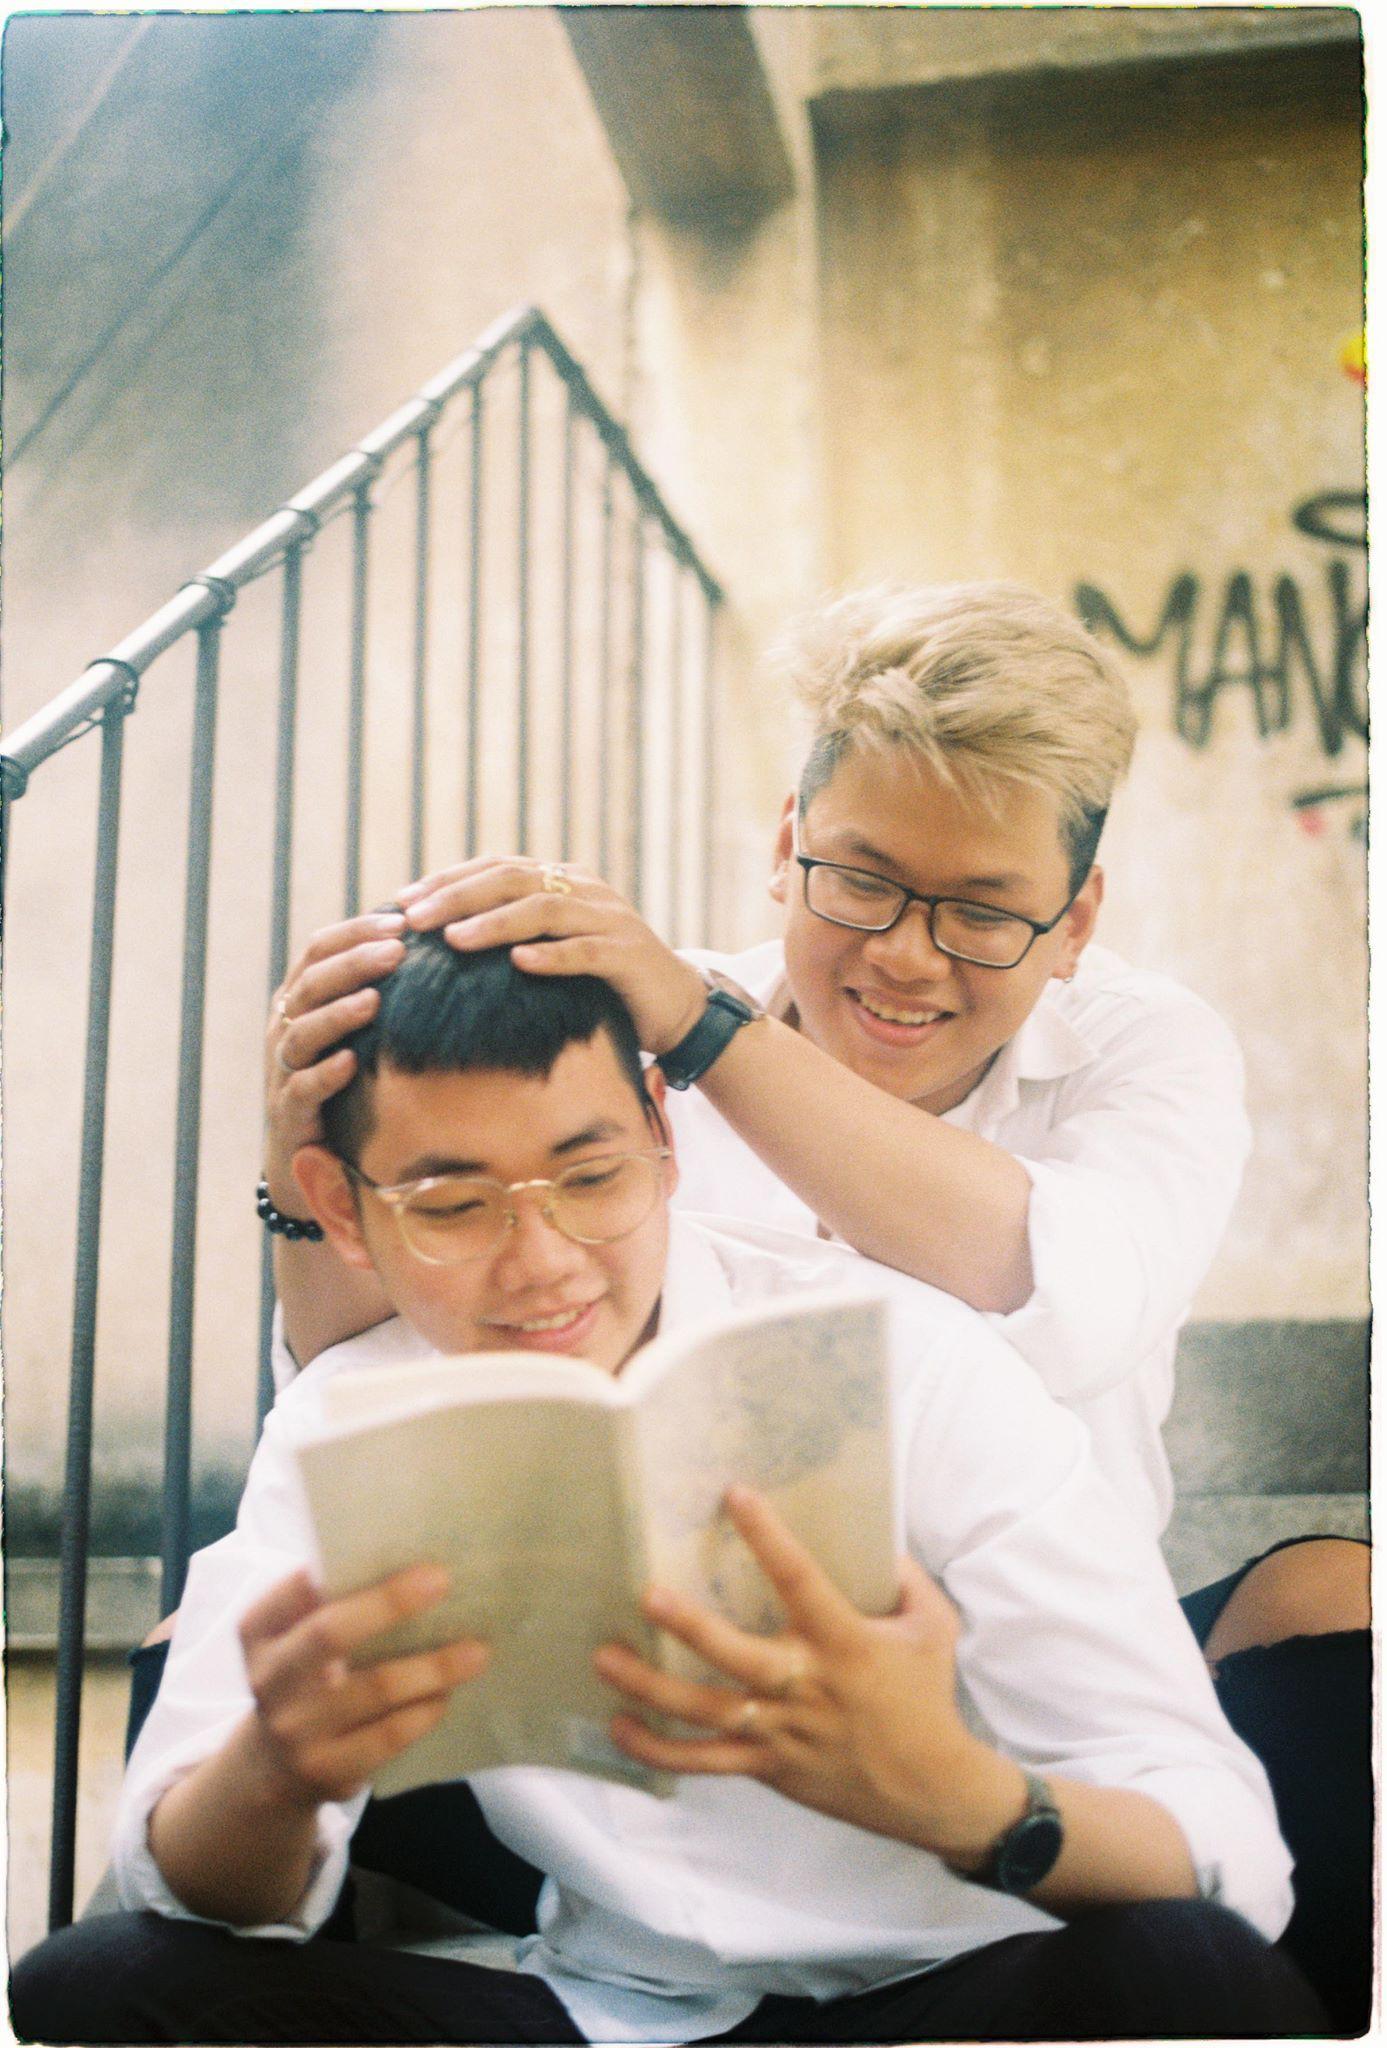 Chuyện tình cặp đồng tính nam: Tình yêu sét đánh trong lần gặp nhau đầu tiên - Ảnh 12.